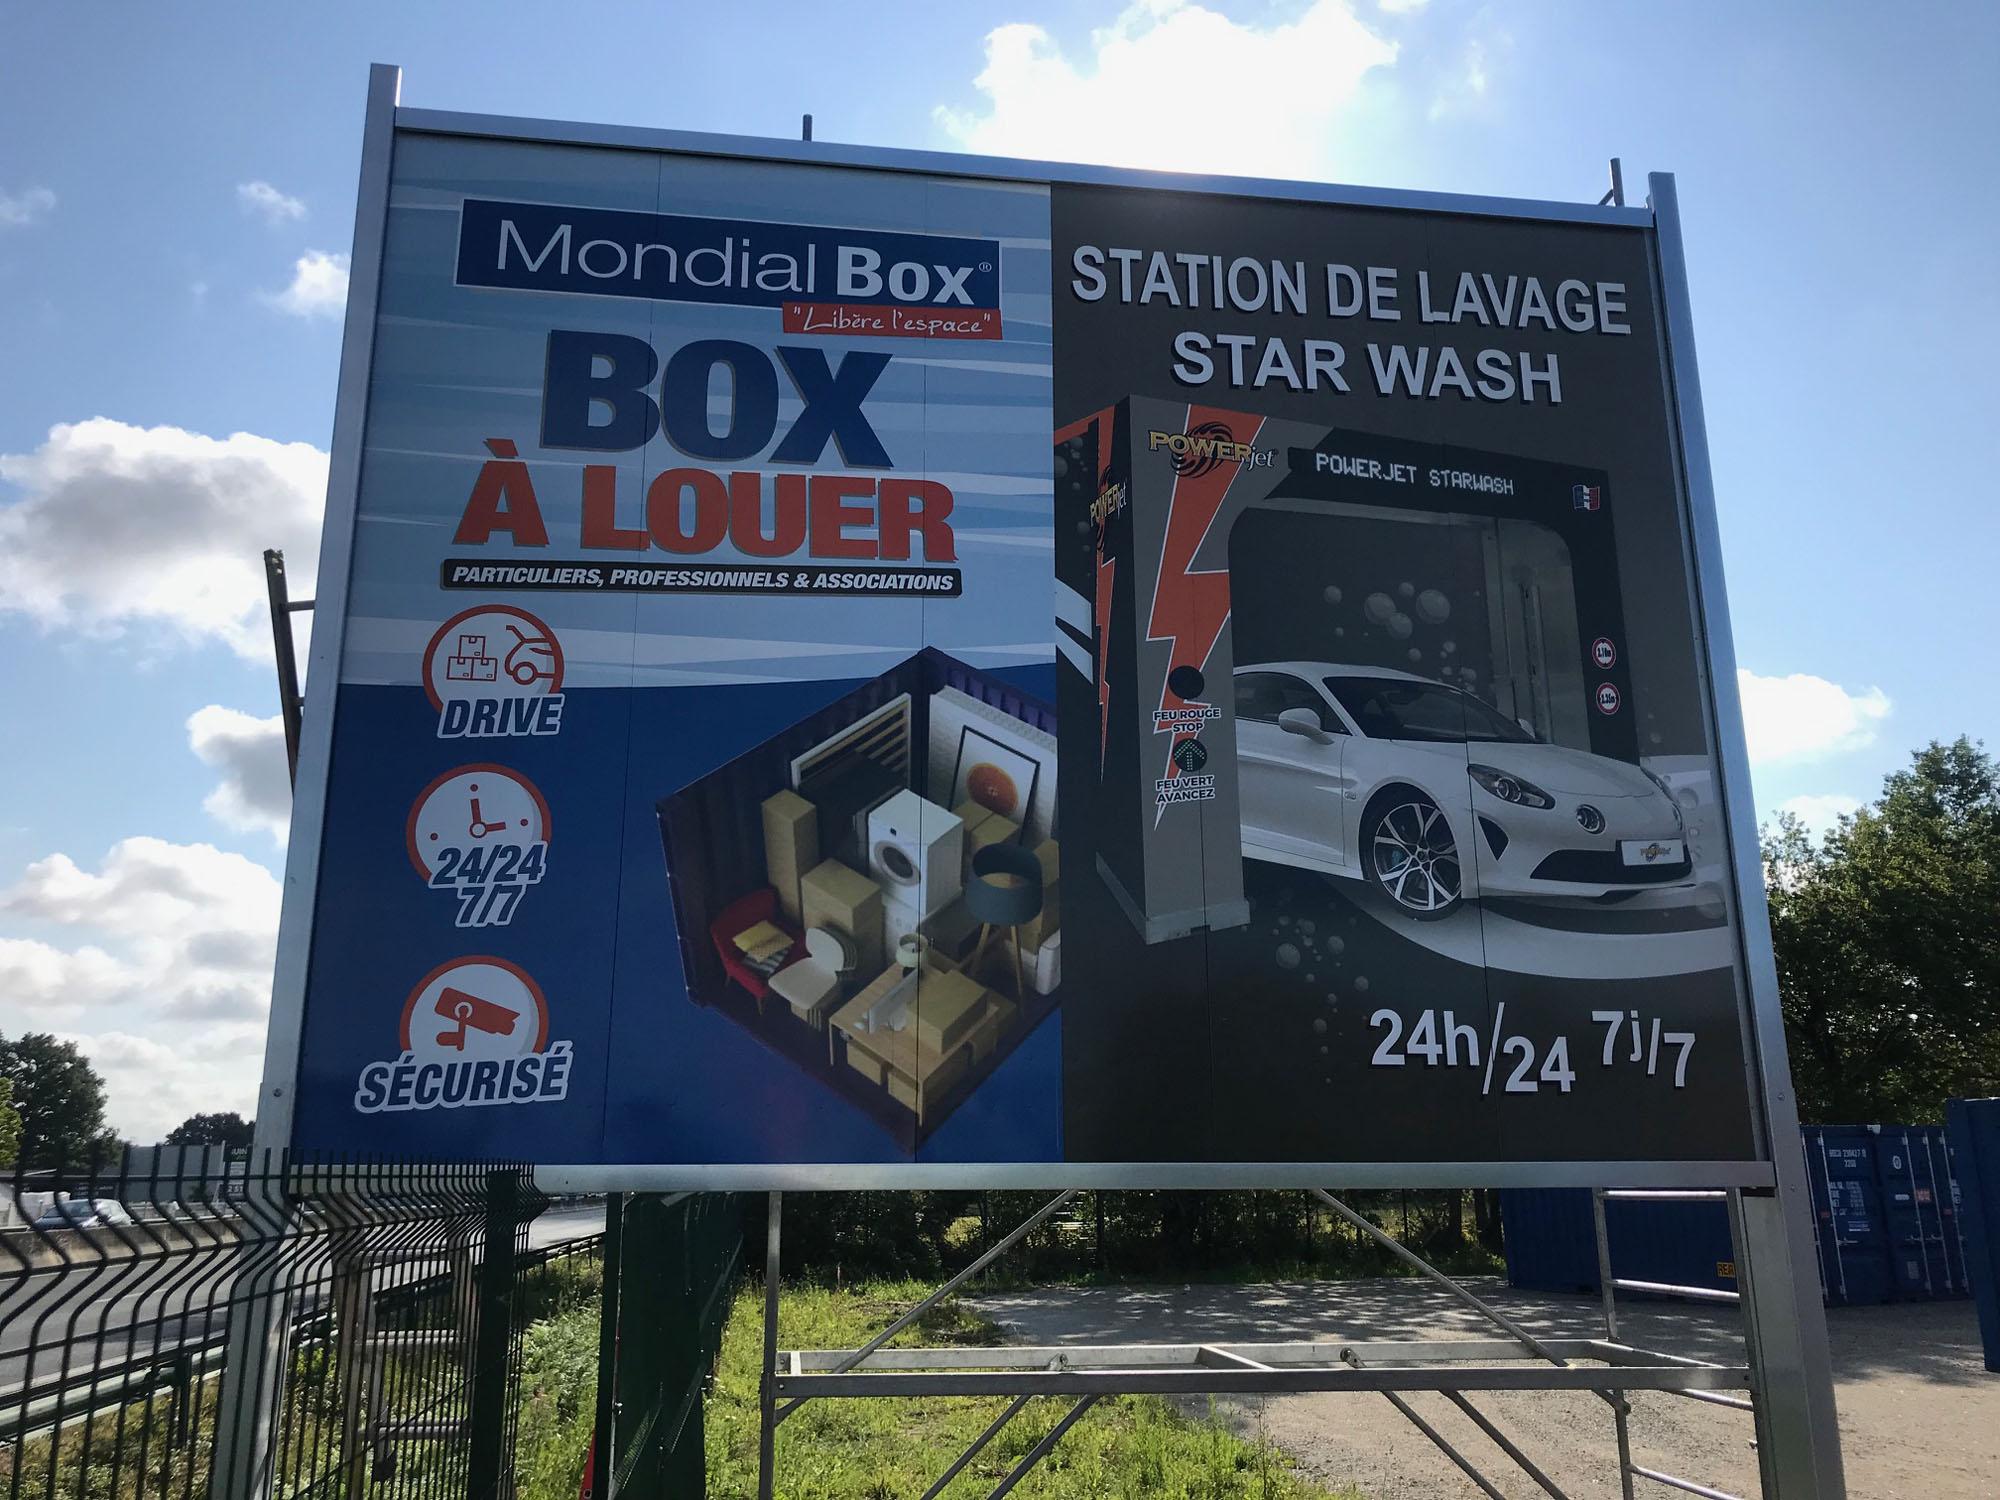 Panneau MondialBox - Guyonnet Publicite Fontenay le Comte